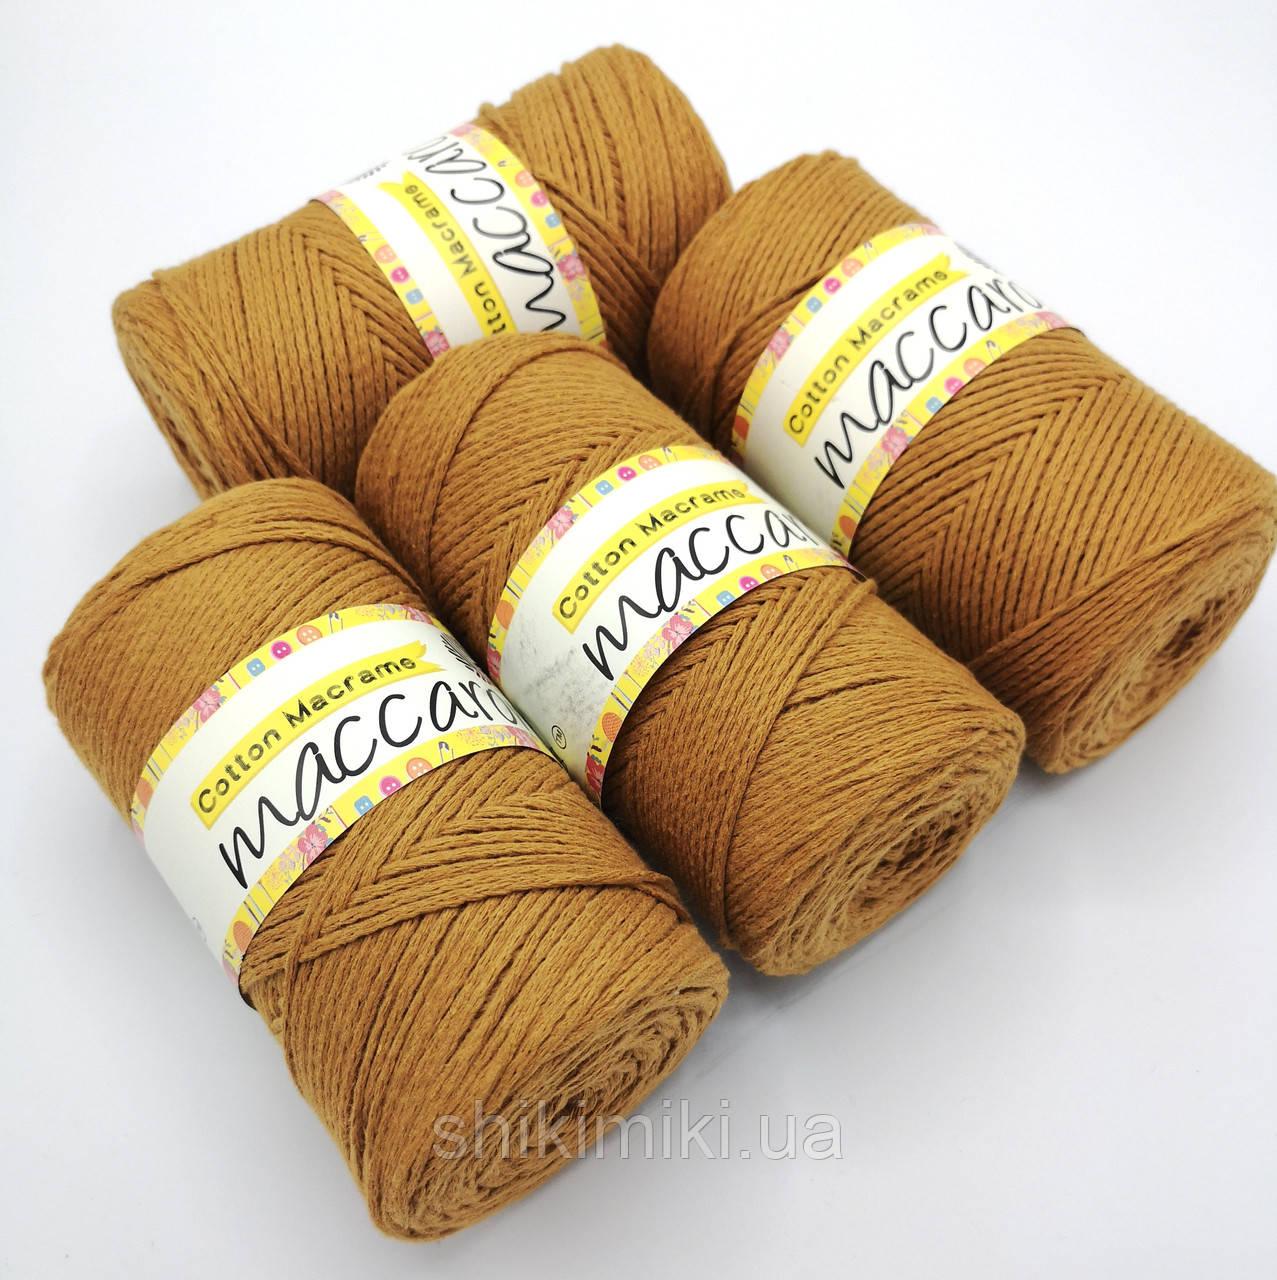 Эко Шнур Cotton Macrame, цвет Терракот